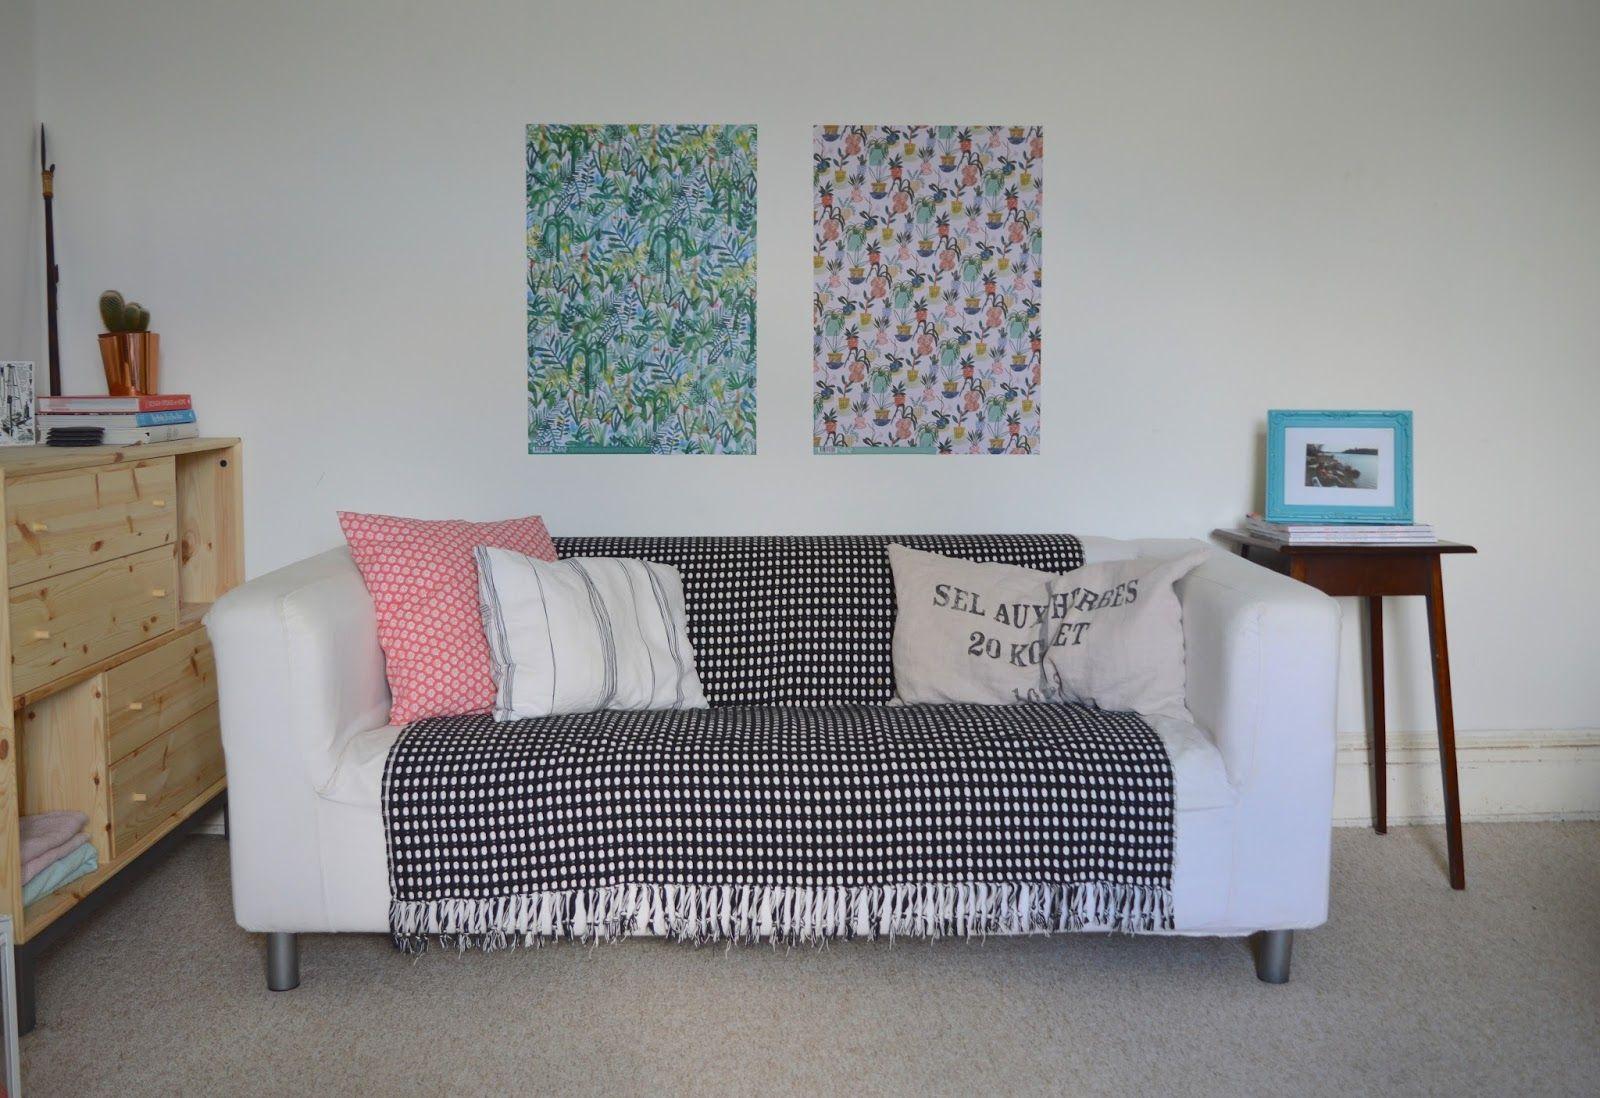 3 Steps To Update An Old Sofa Klippan Sofa Wohnen Zimmer Wohnideen